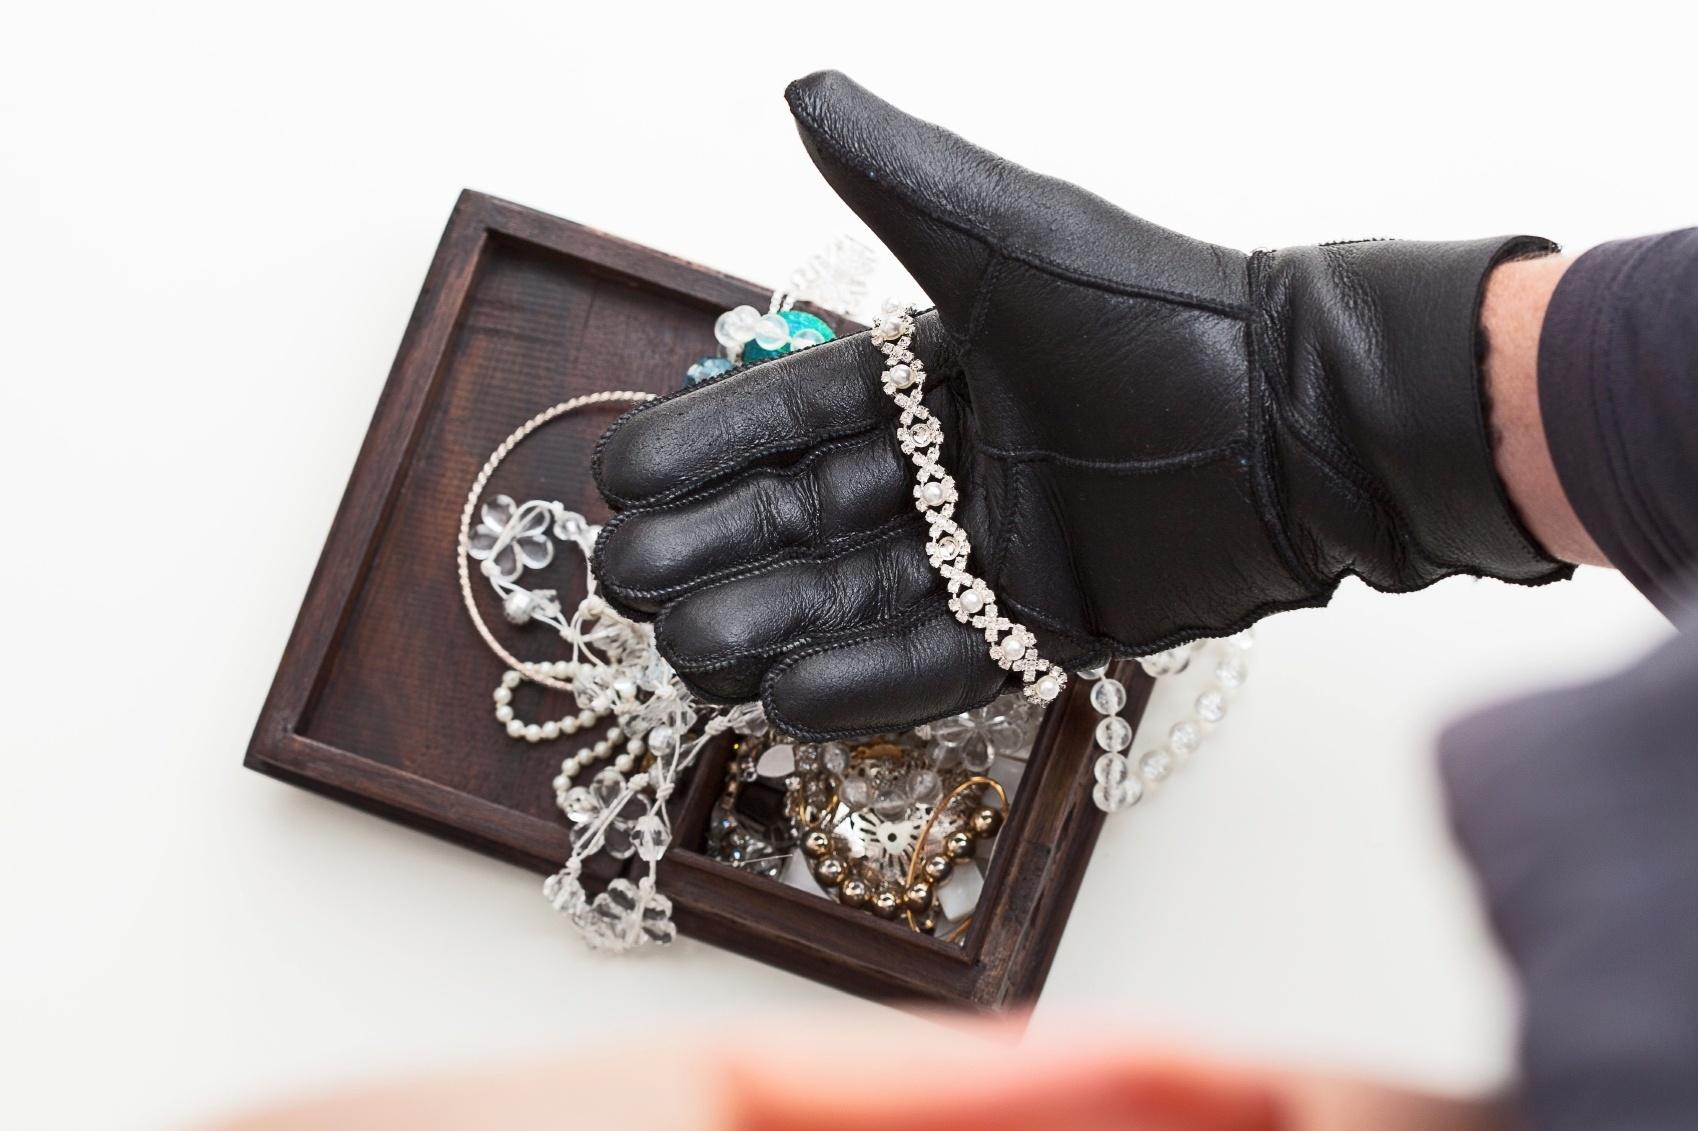 Veja 12 dicas para conservar melhor as bijuterias em casa - 10 11 2014 -  UOL Universa 4cab7a3f23ea0